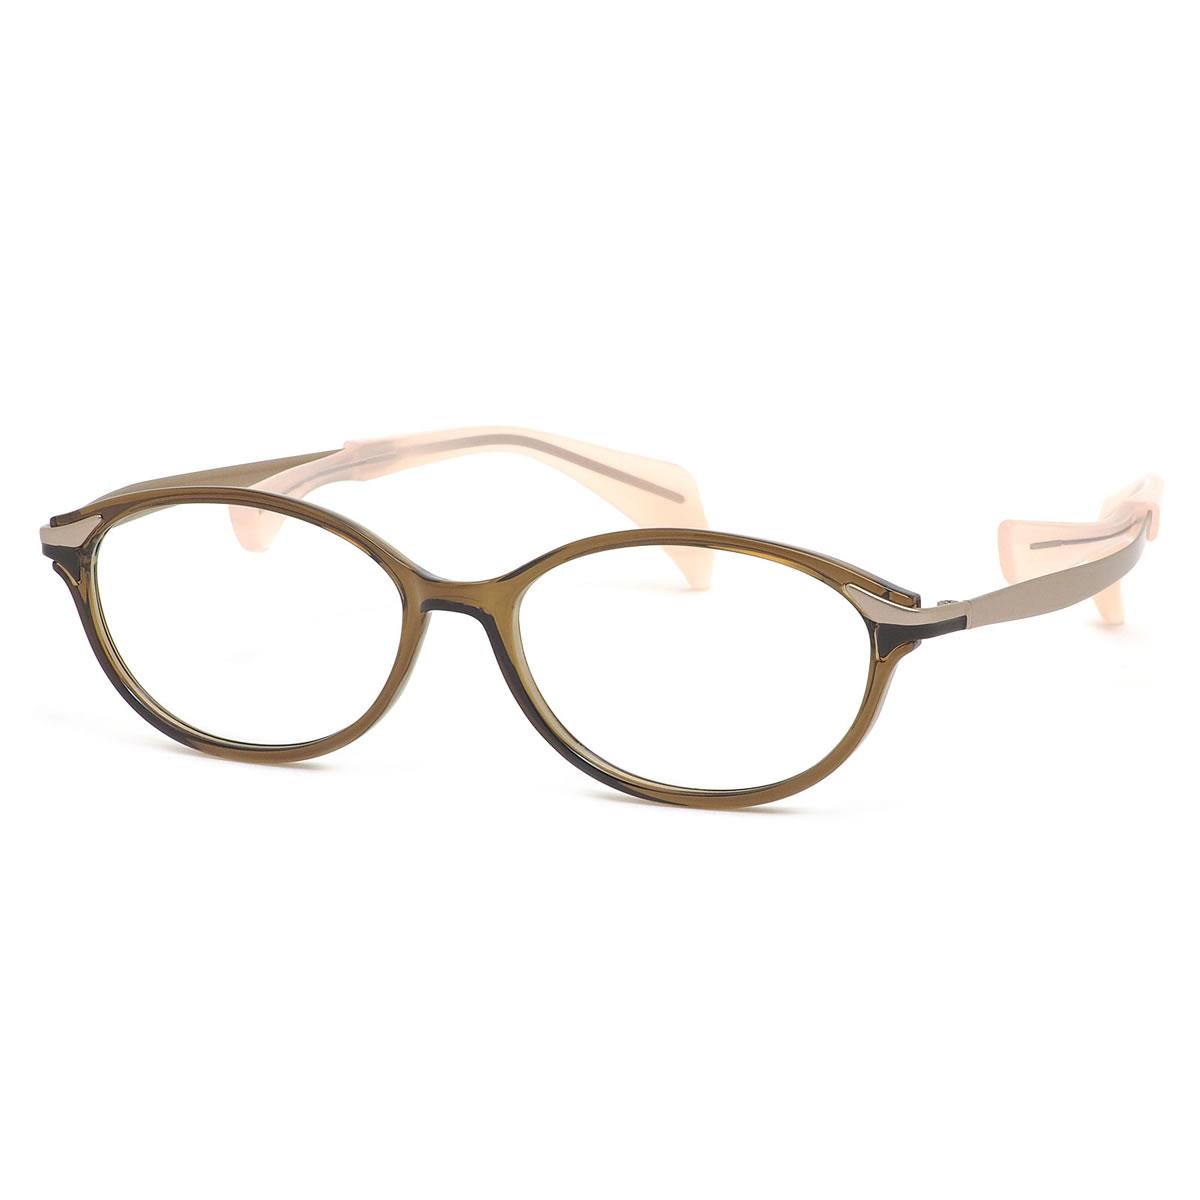 ほぼ全品ポイント15倍~最大34倍! チョコシー Choco See メガネFG24506 OL 52サイズ鼻に跡がつかないメガネ ちょこシー ちょこしー チョコシー 鼻パッドなし βチタン ベータチタン シャルマン CHARMANTチョコシーChocoSee メンズ レディース